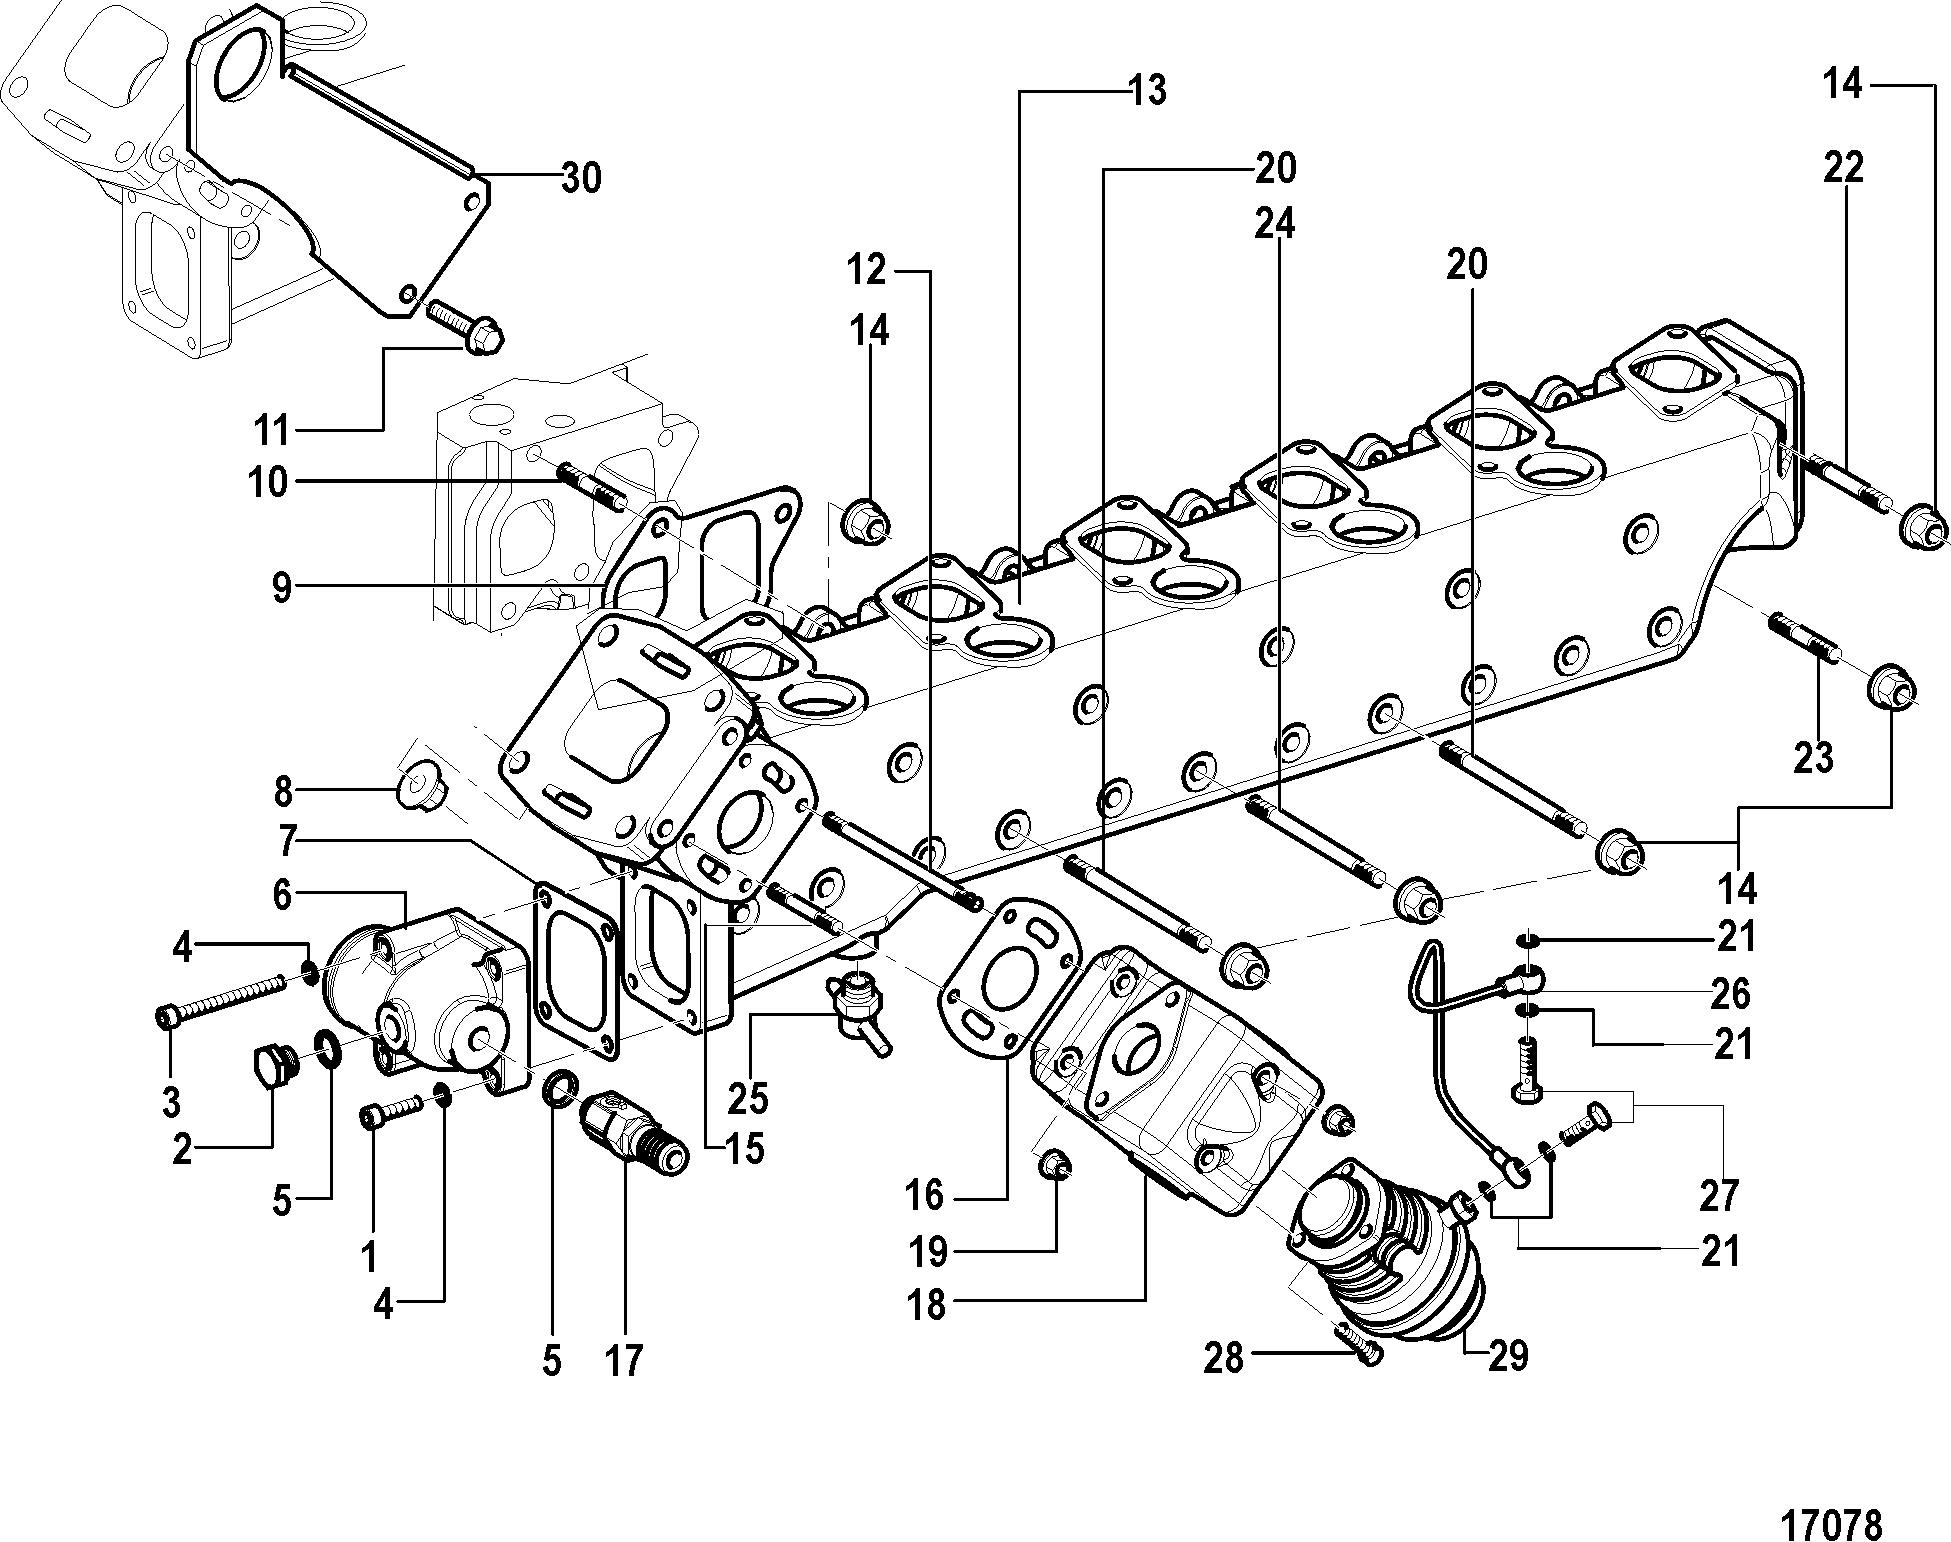 Mercruiser Cmd 42 Ms 230 88030400 Thru L15 30r Wiring Schematic Exhaust Manifold